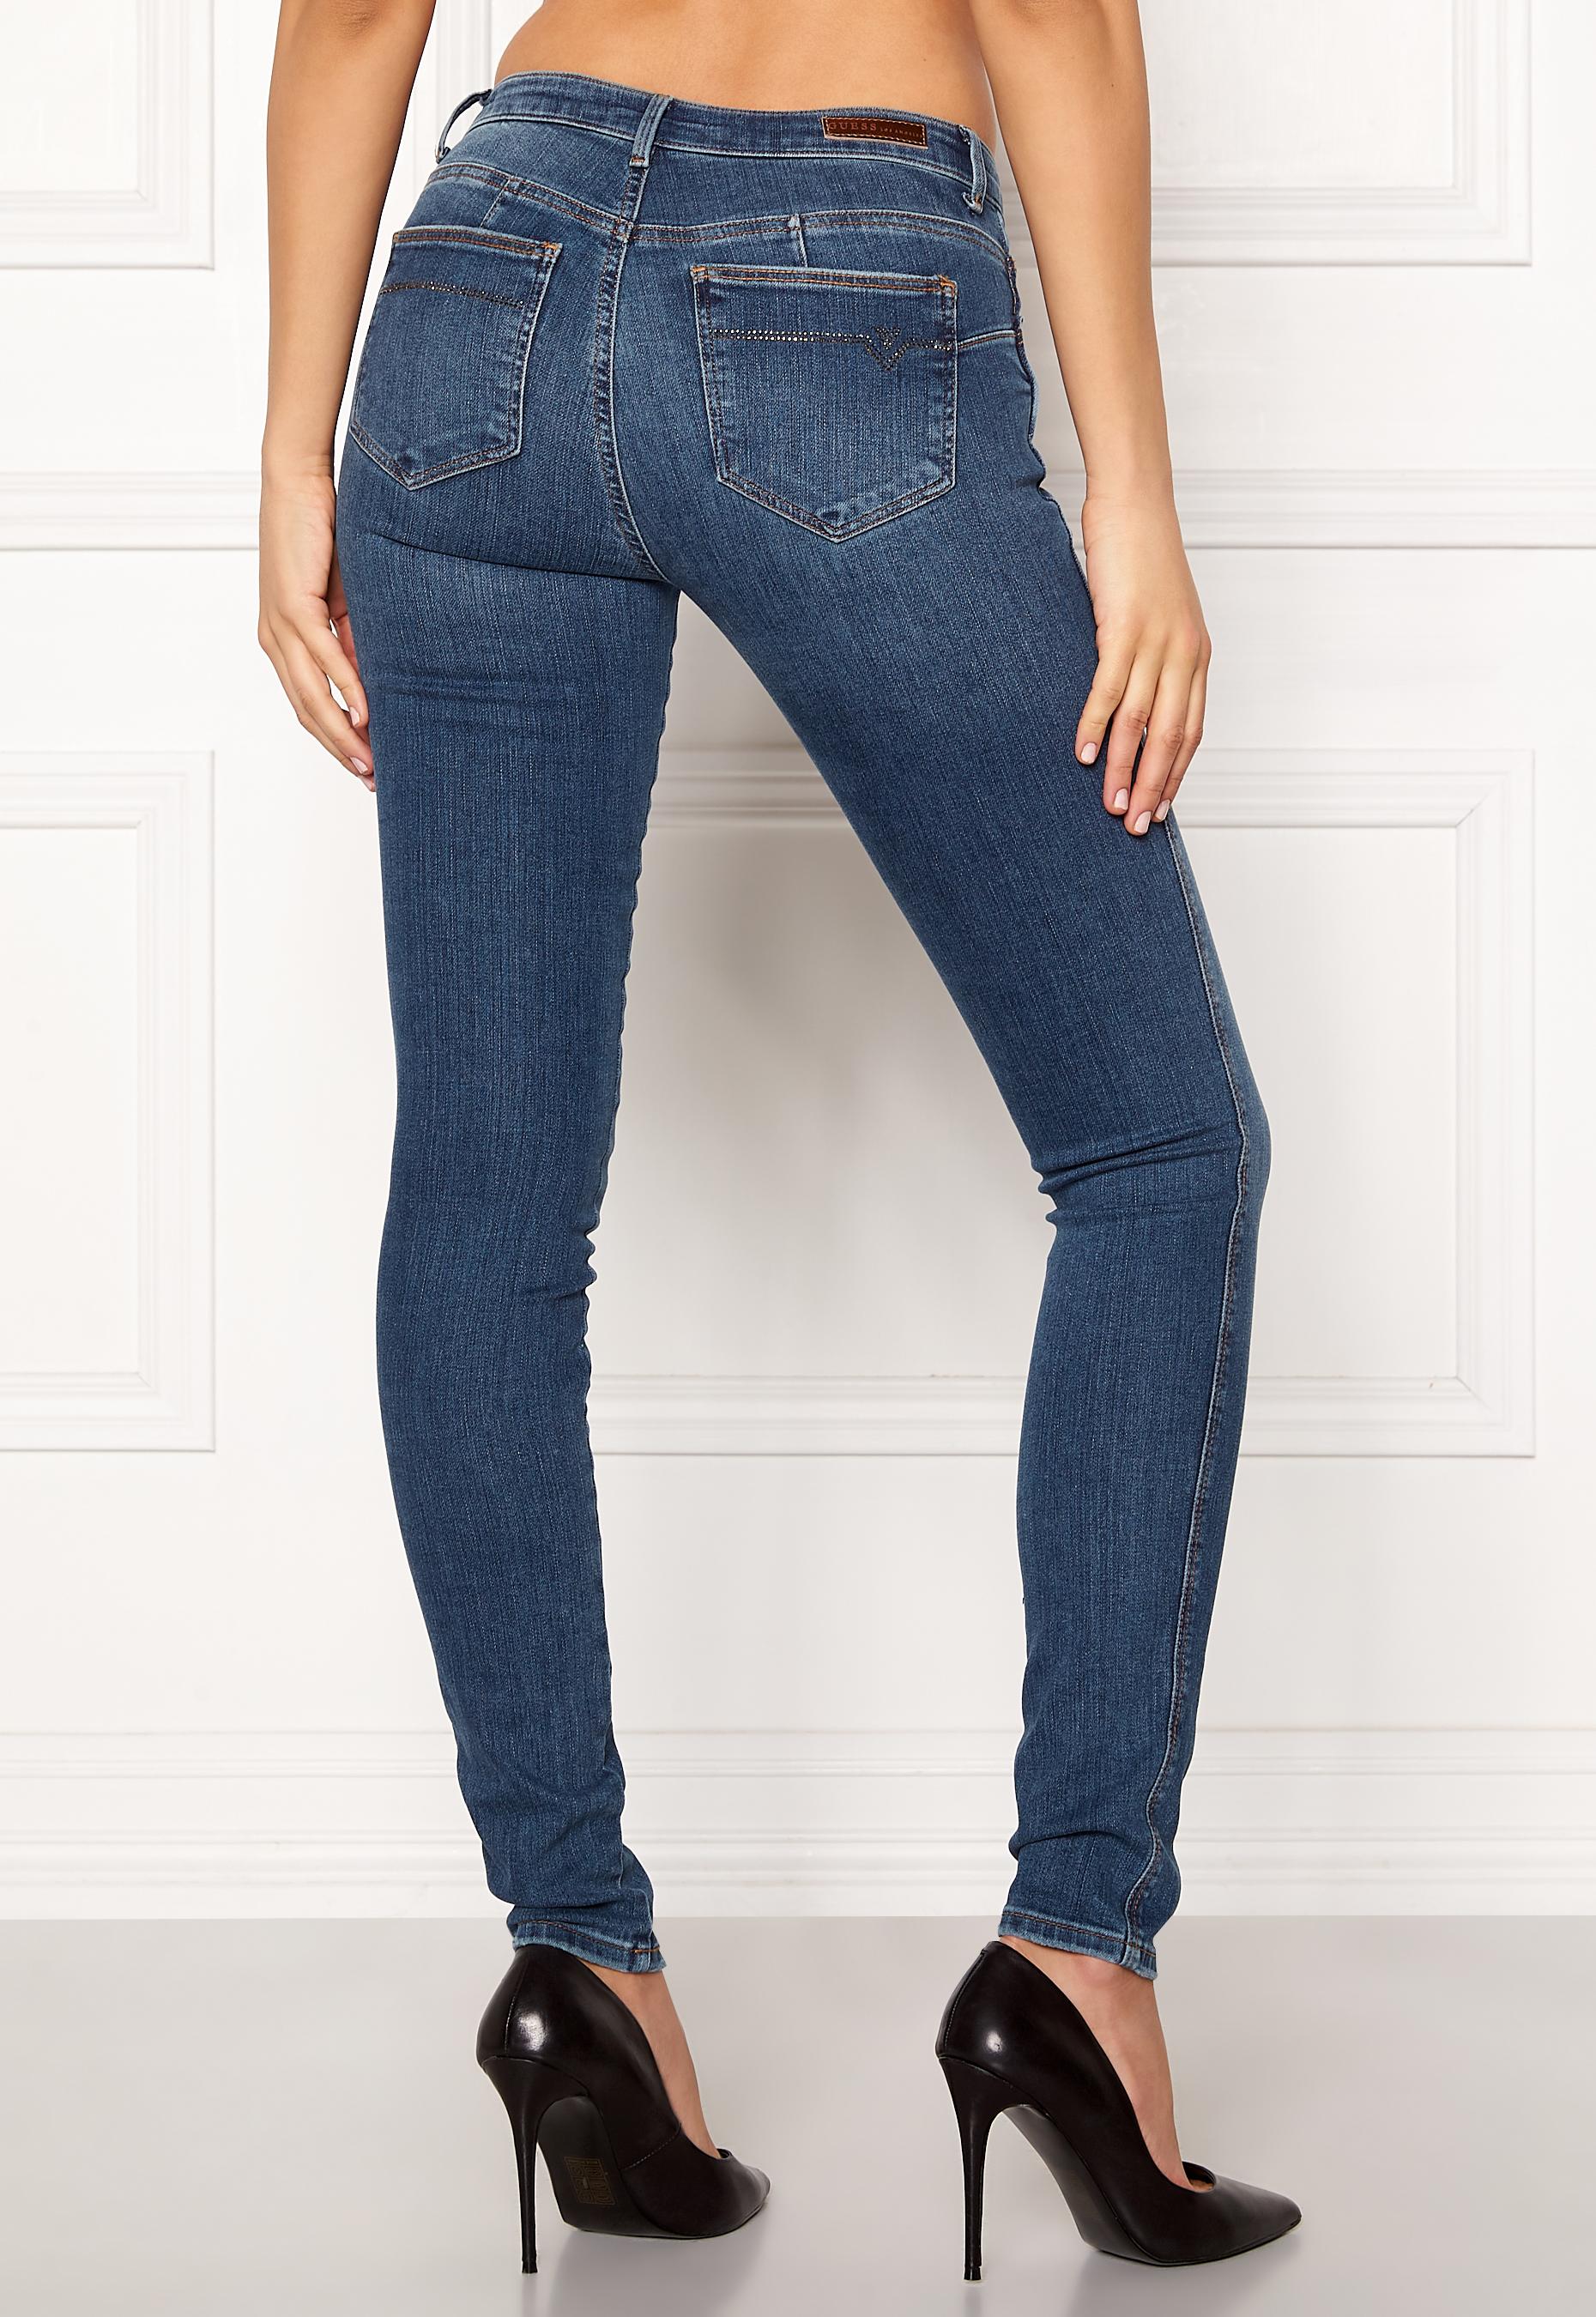 c9cd94e9c23e6 Guess Curve X Jeans Chablis - Bubbleroom